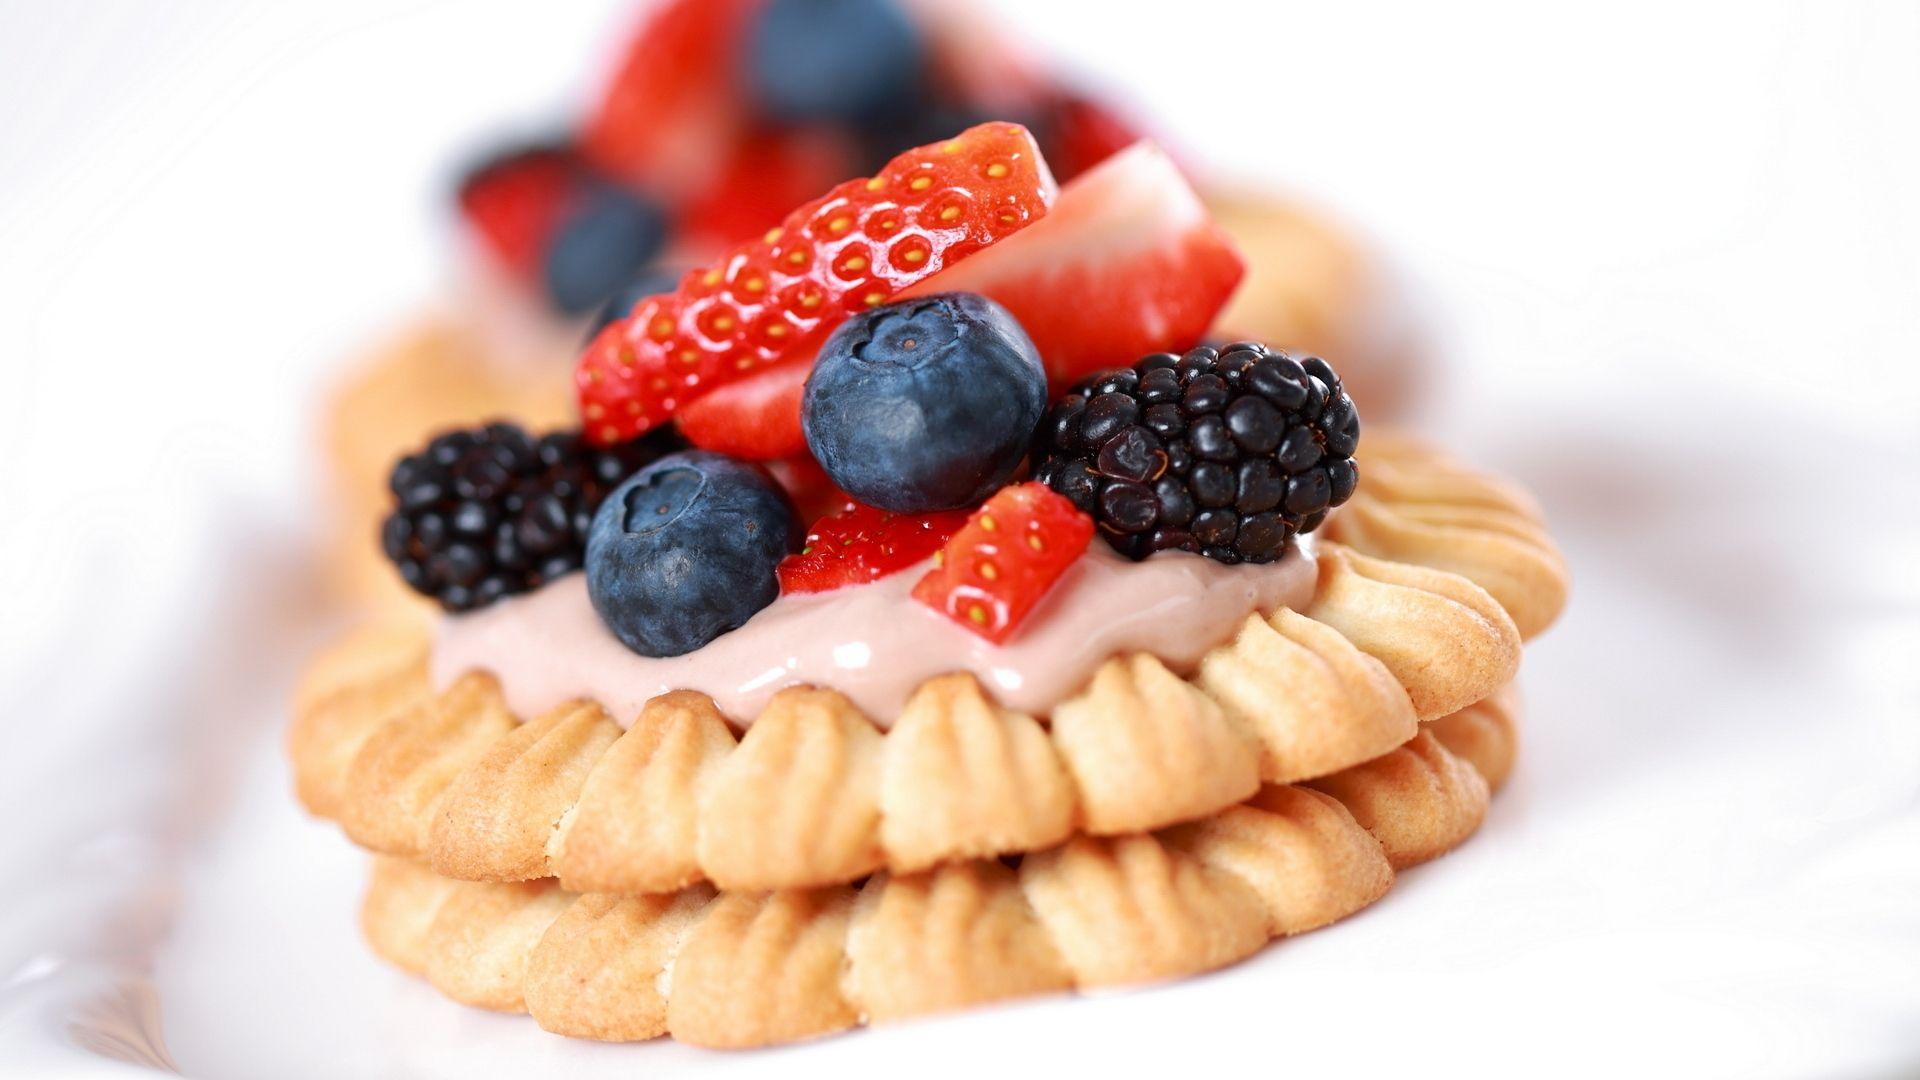 cookies, berry, dessert - http://www.wallpapers4u.org/cookies-berry-dessert/